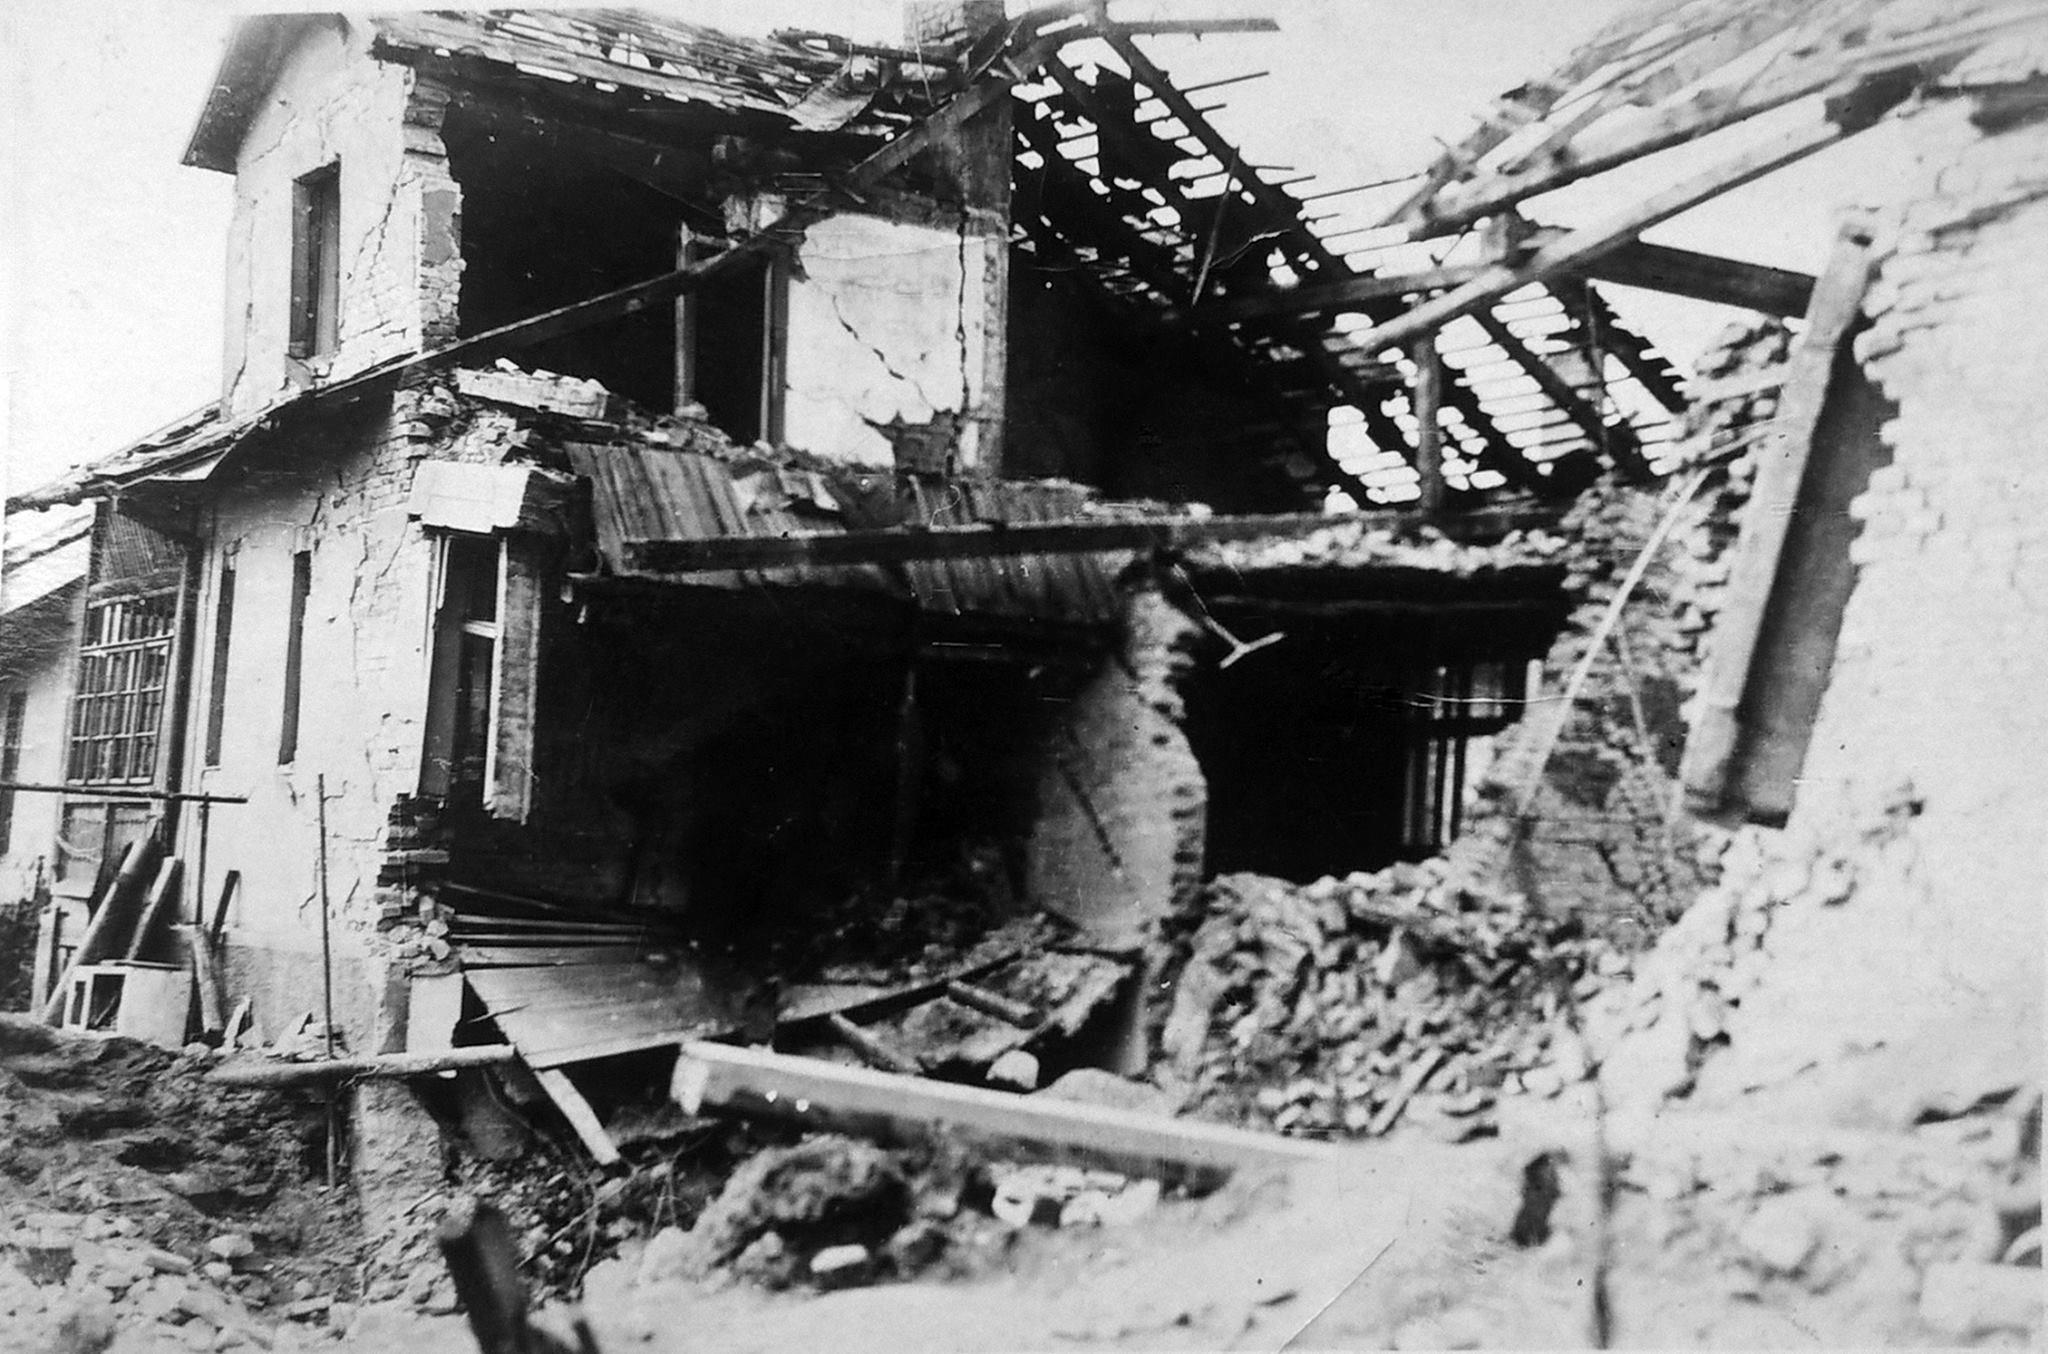 Fotka zbomardovaneho domu (Mexiko) , 1944